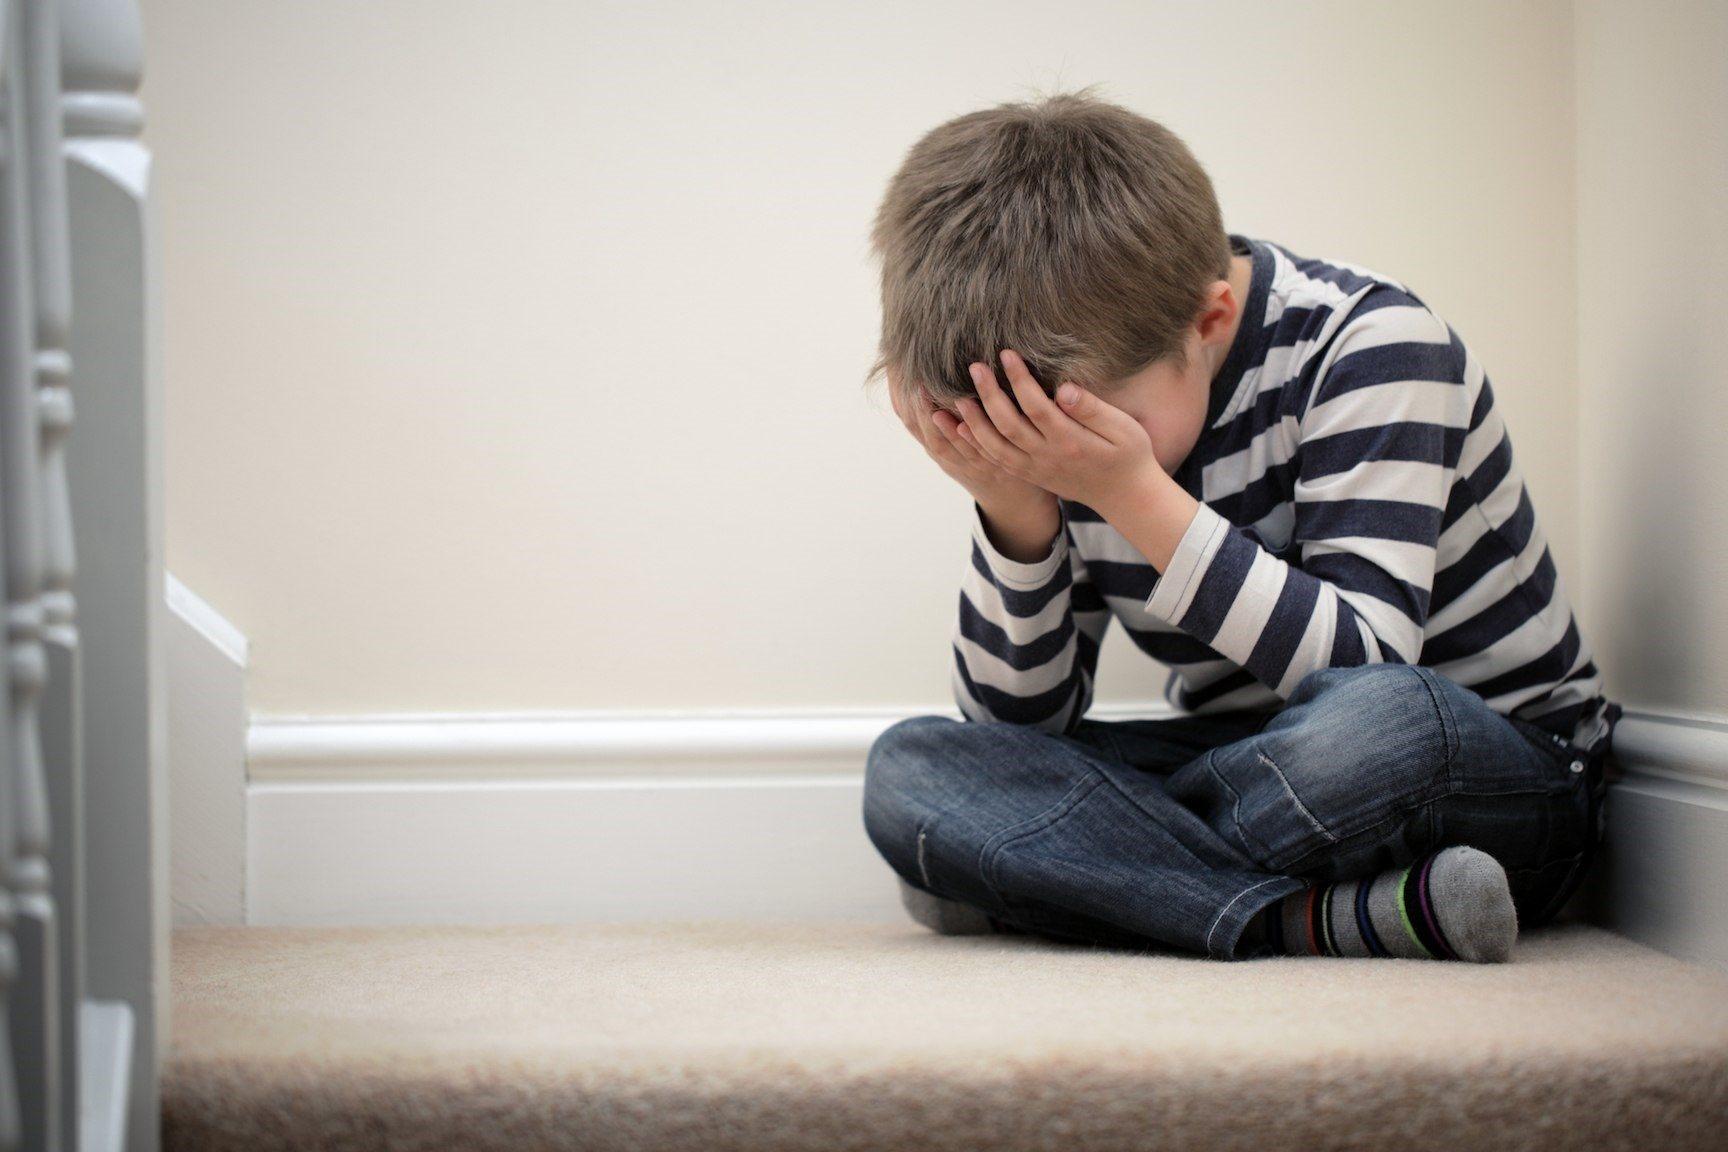 Những dấu hiệu cảnh báo bệnh tâm thần ở trẻ - Ảnh 1